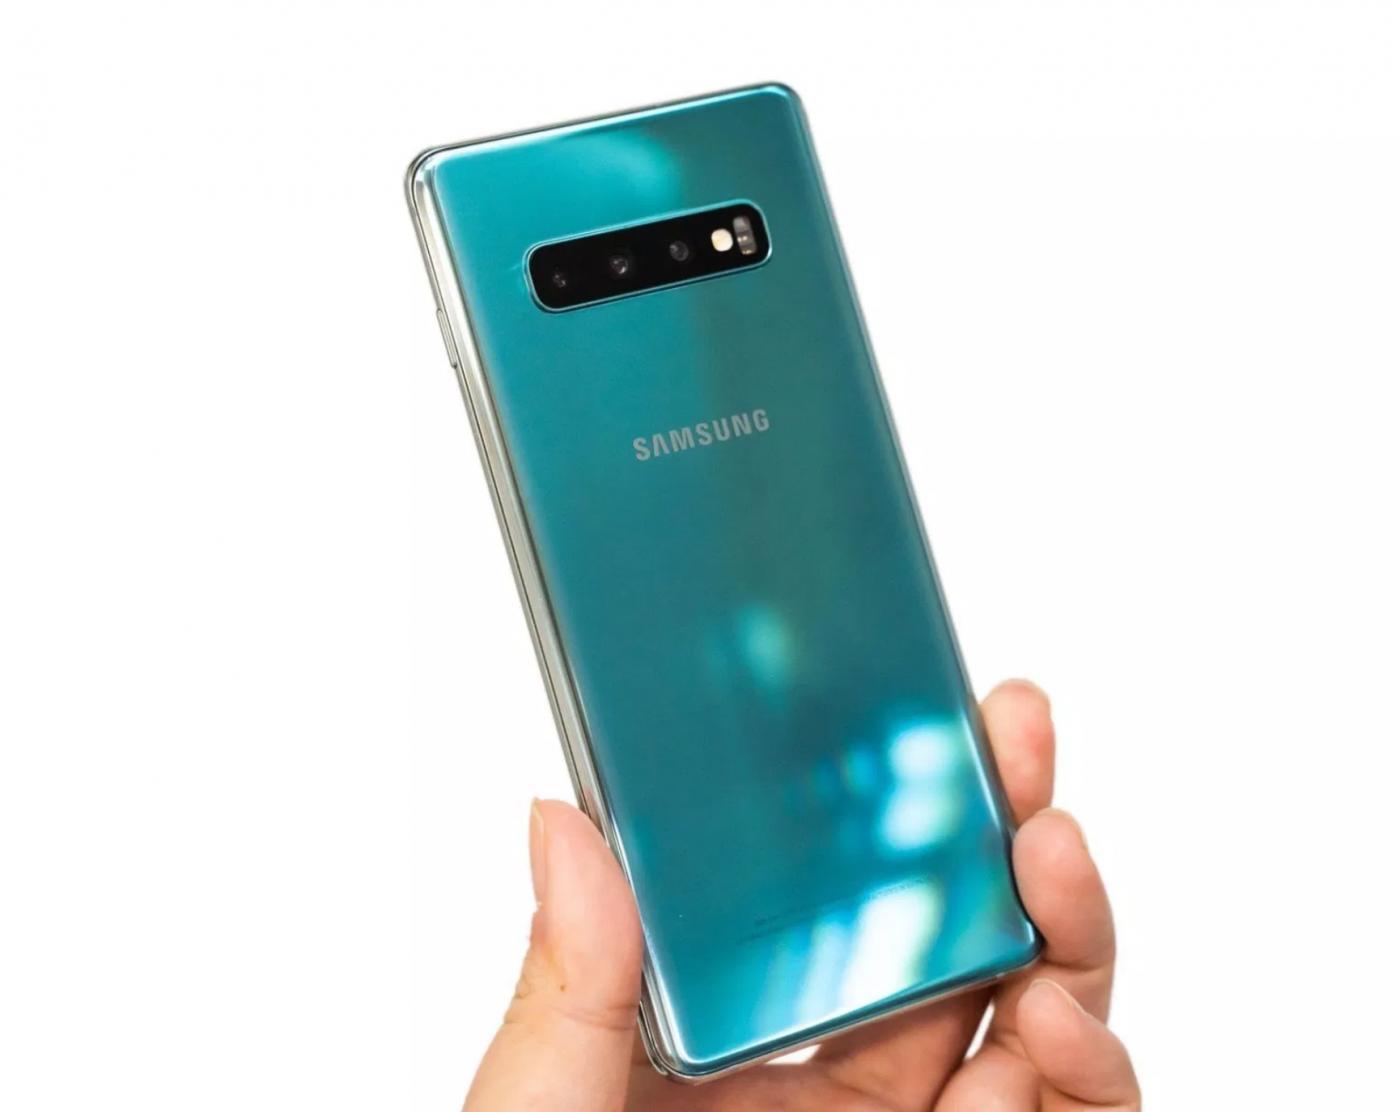 台灣可用嗎?港版 Galaxy S10+ 常見問題(4G 支援 / CA 載波聚合 / 行動支付) @3C 達人廖阿輝